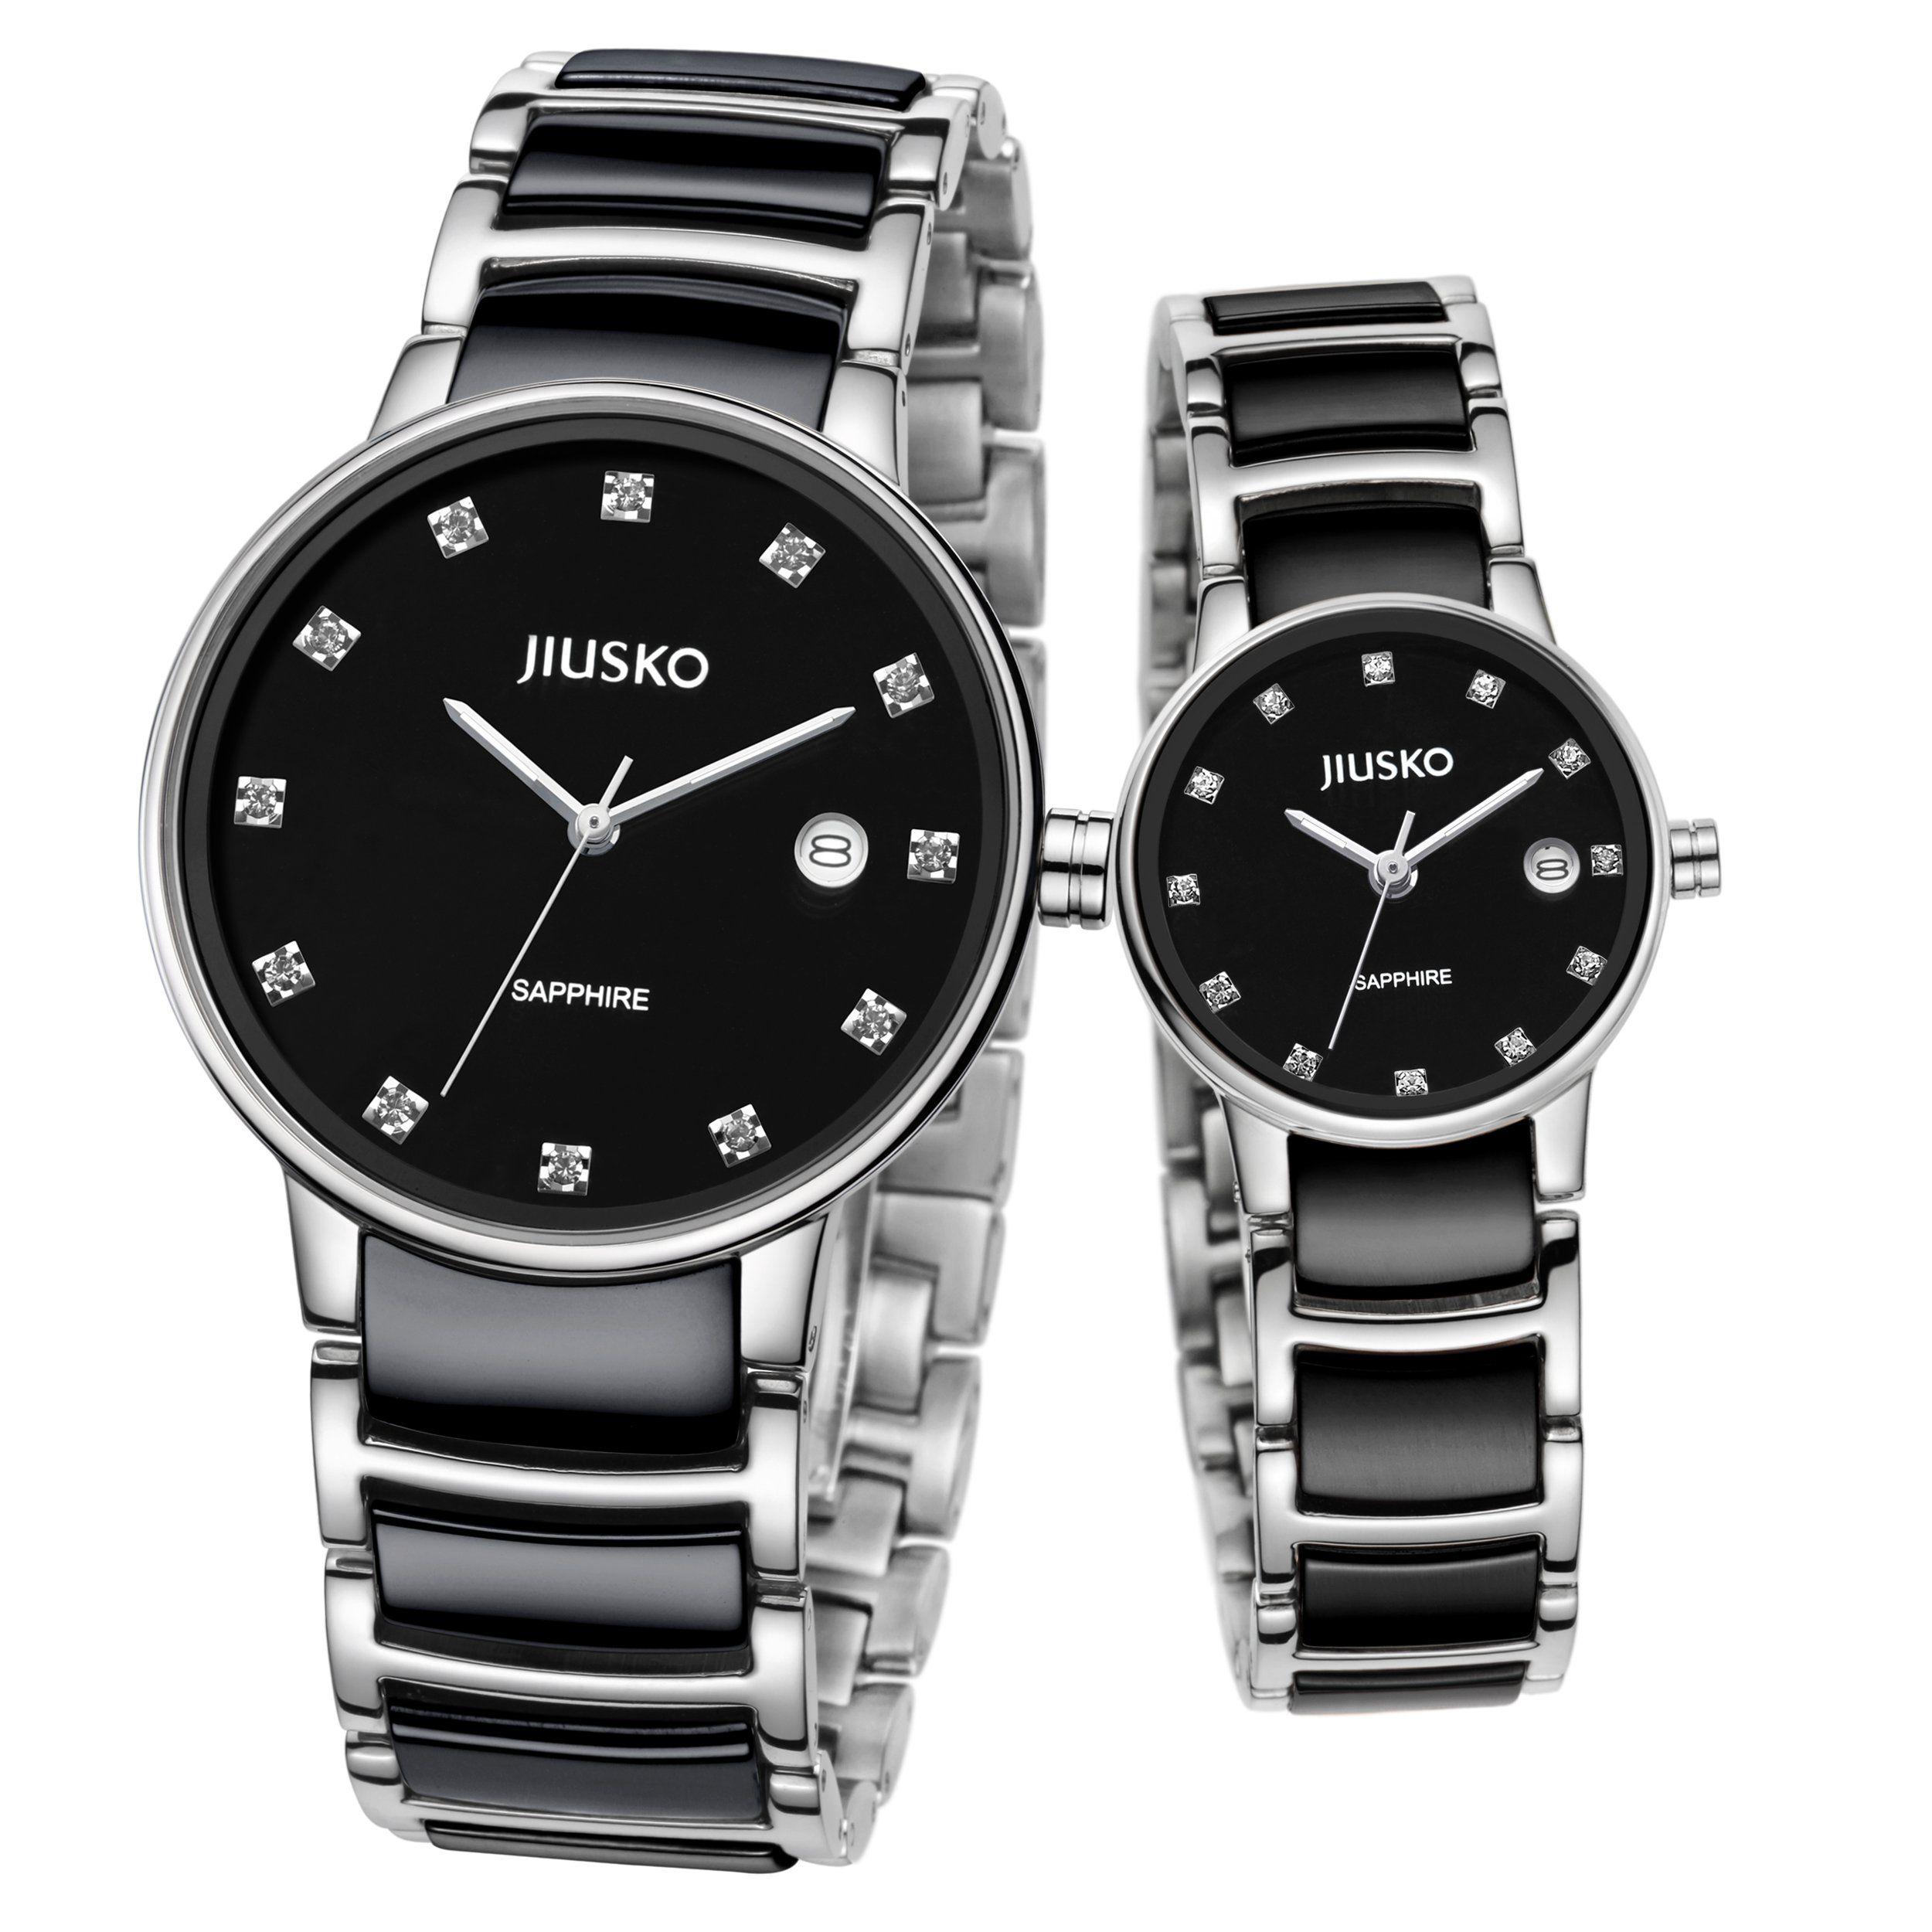 Jiusko Luxury Analog Quartz Couple Watches - His and Hers Matching ...